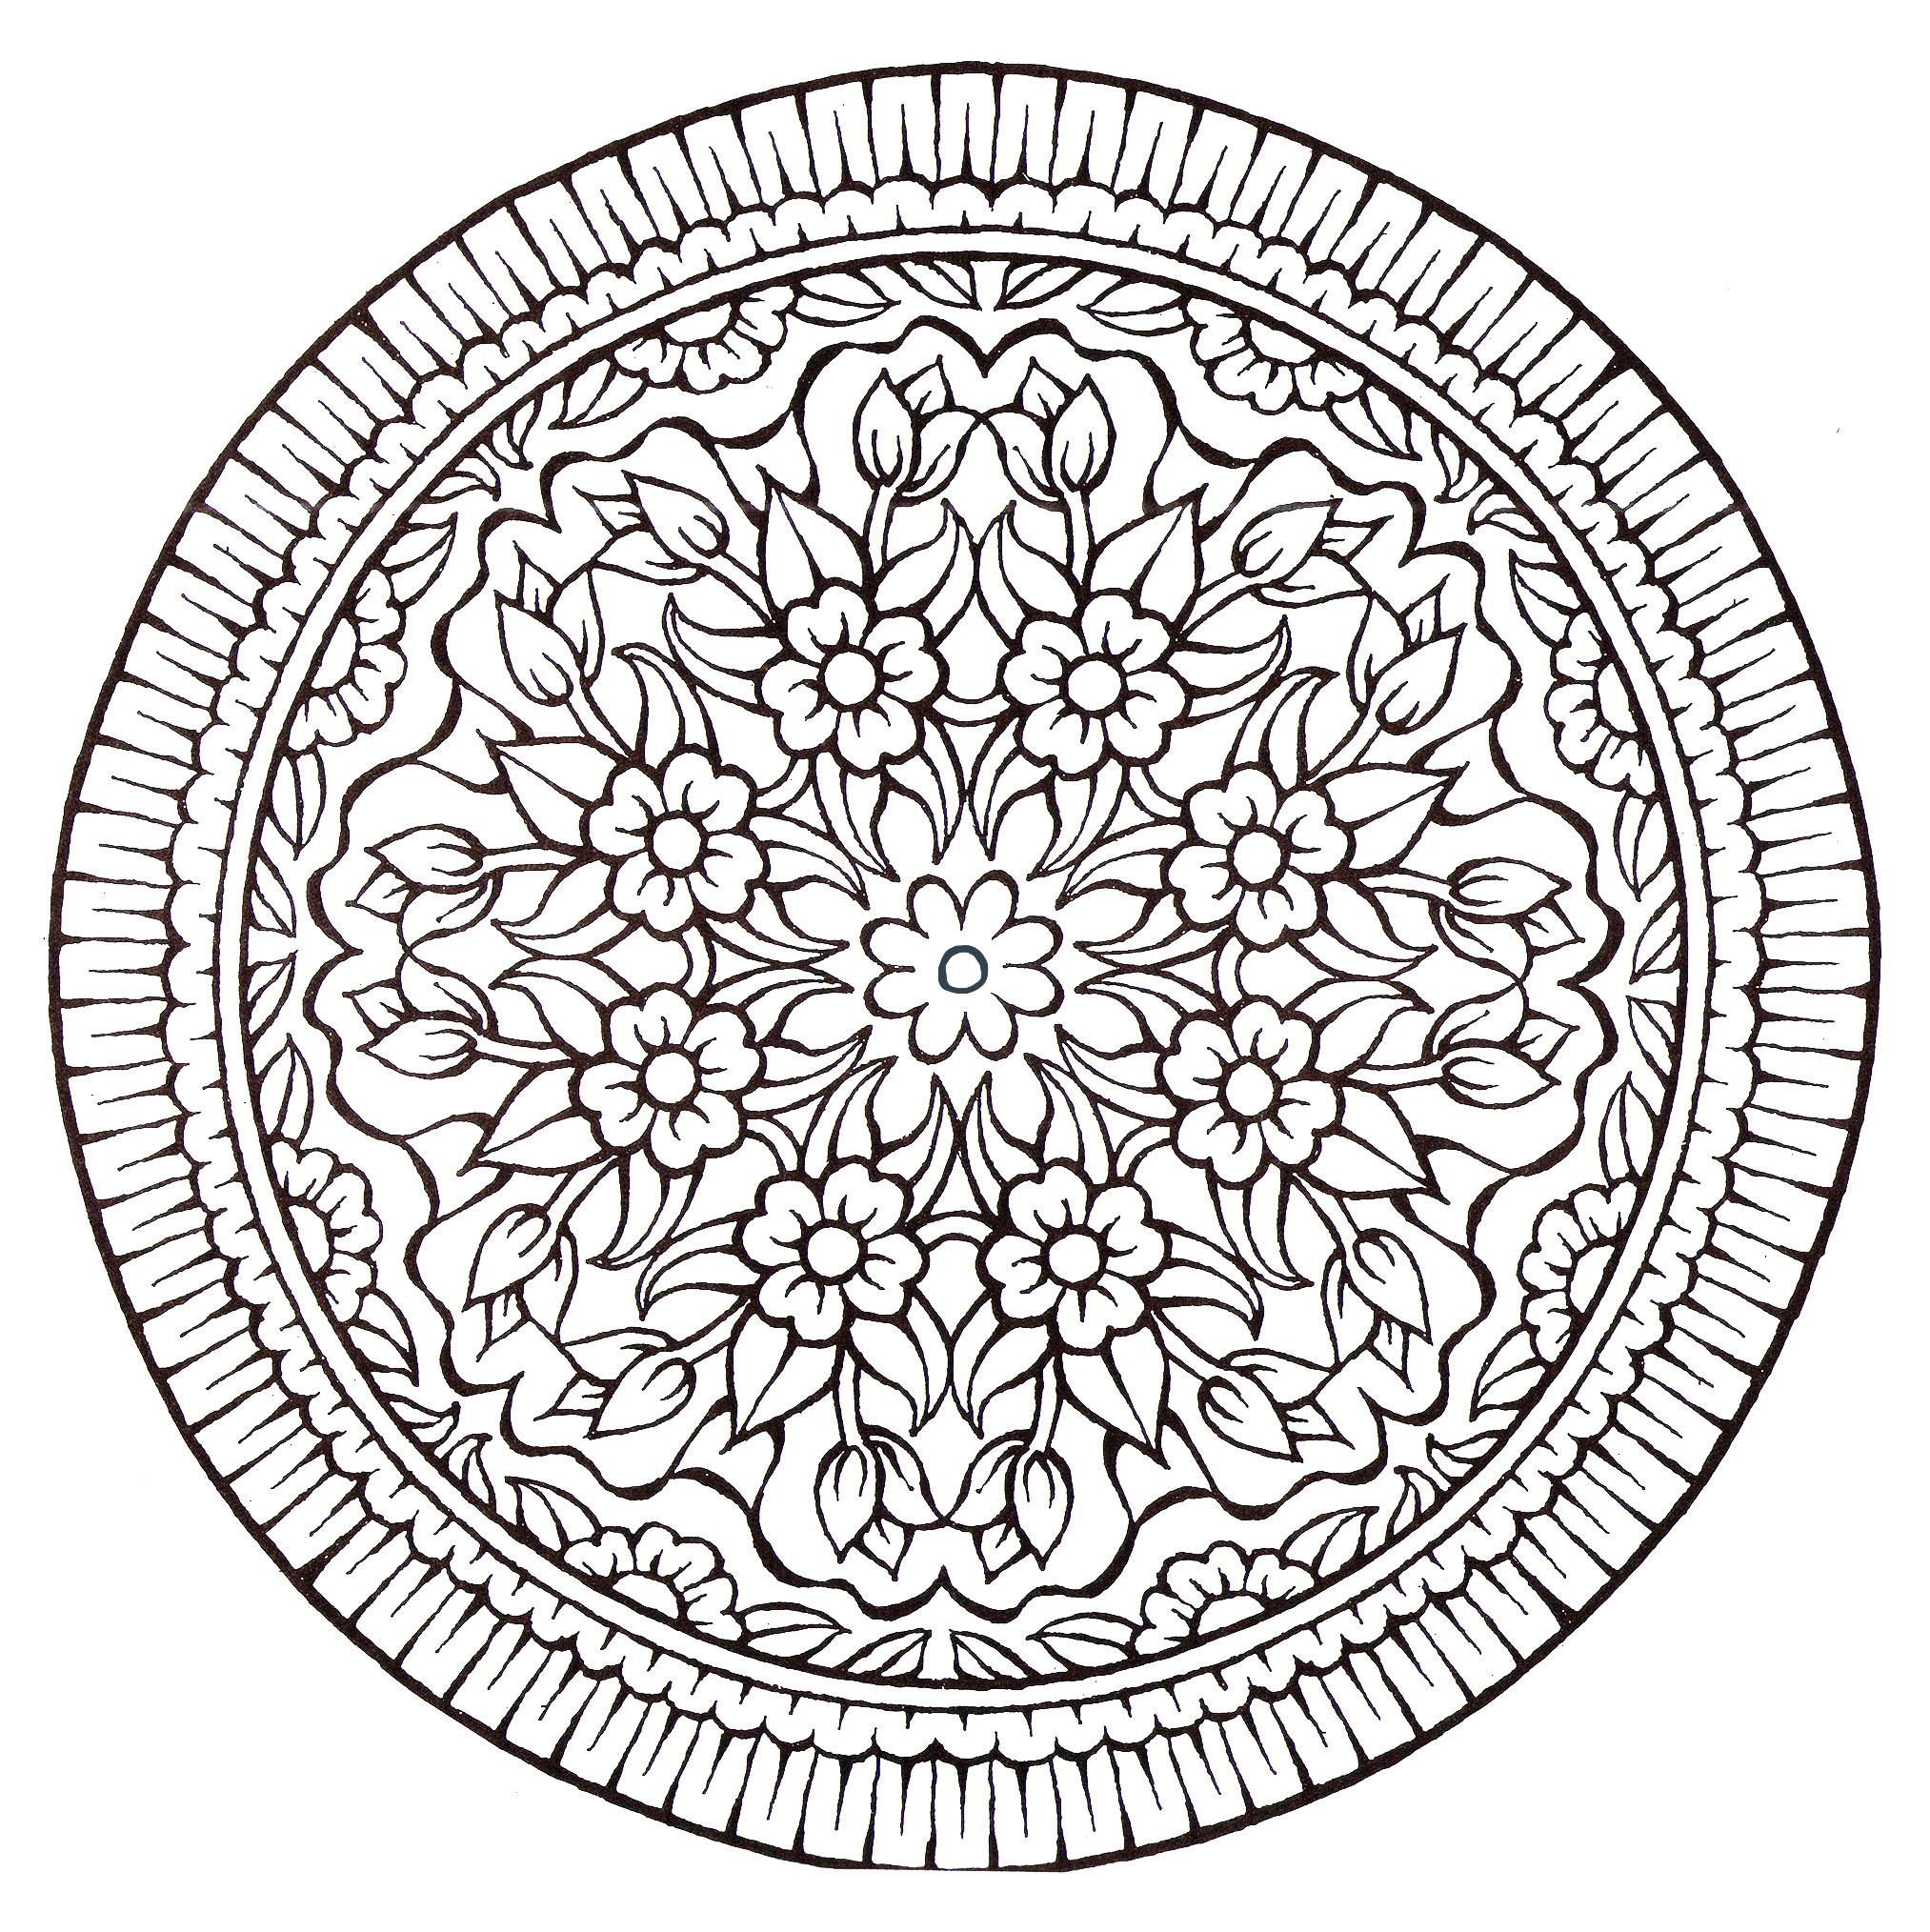 Mandala Fleurs Vintage - Coloriage Mandalas - Coloriages intérieur Coloriage Mandale